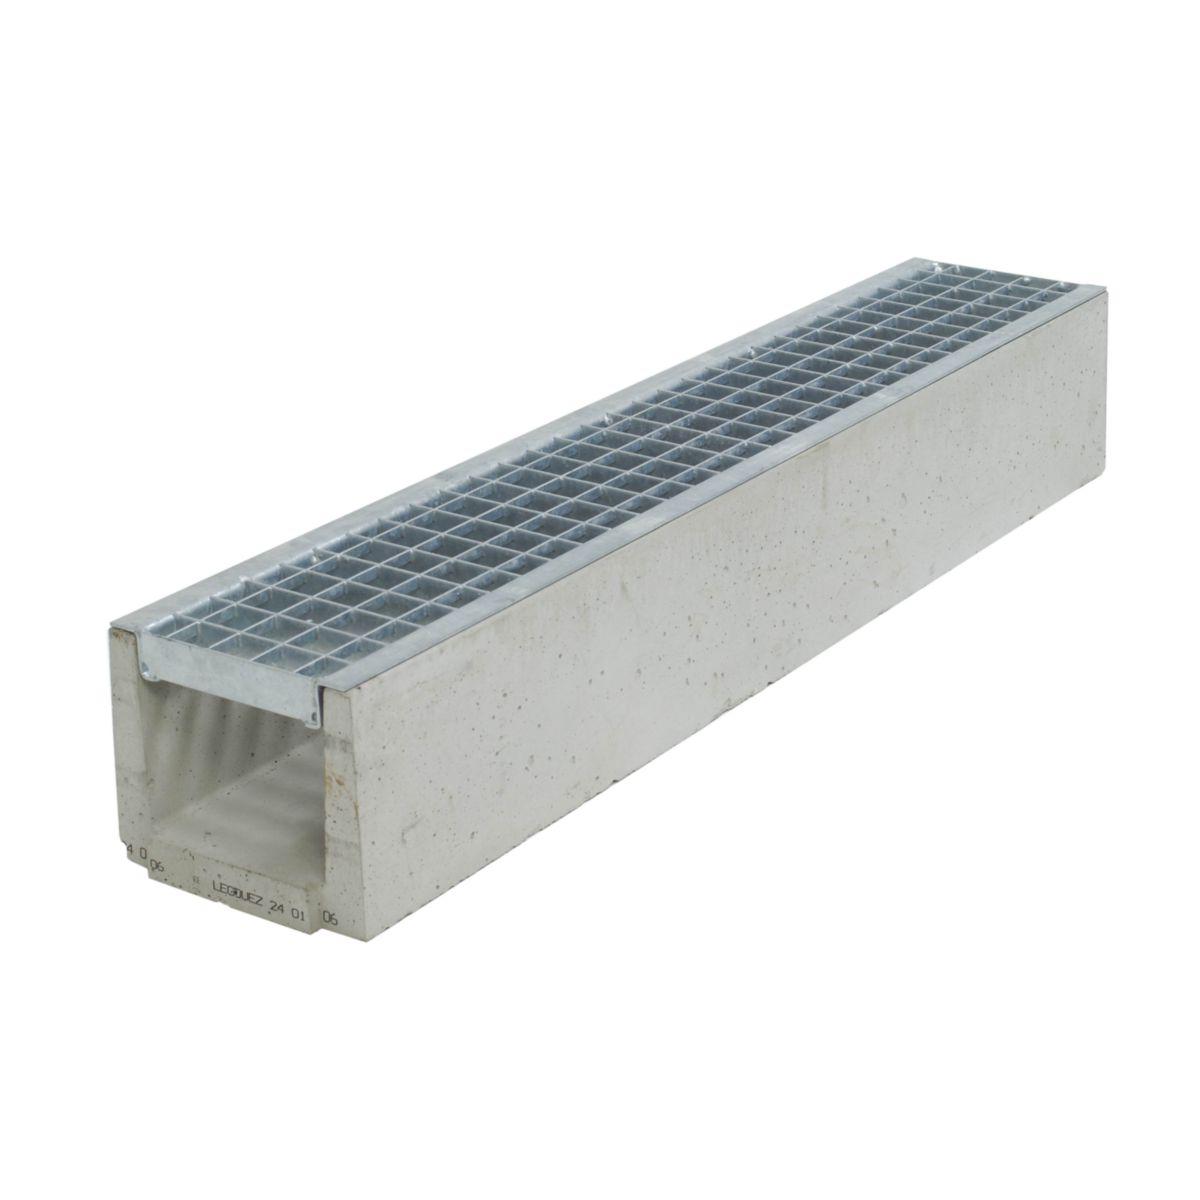 legouez caniveau b ton draineco 150 grille caillebotis. Black Bedroom Furniture Sets. Home Design Ideas